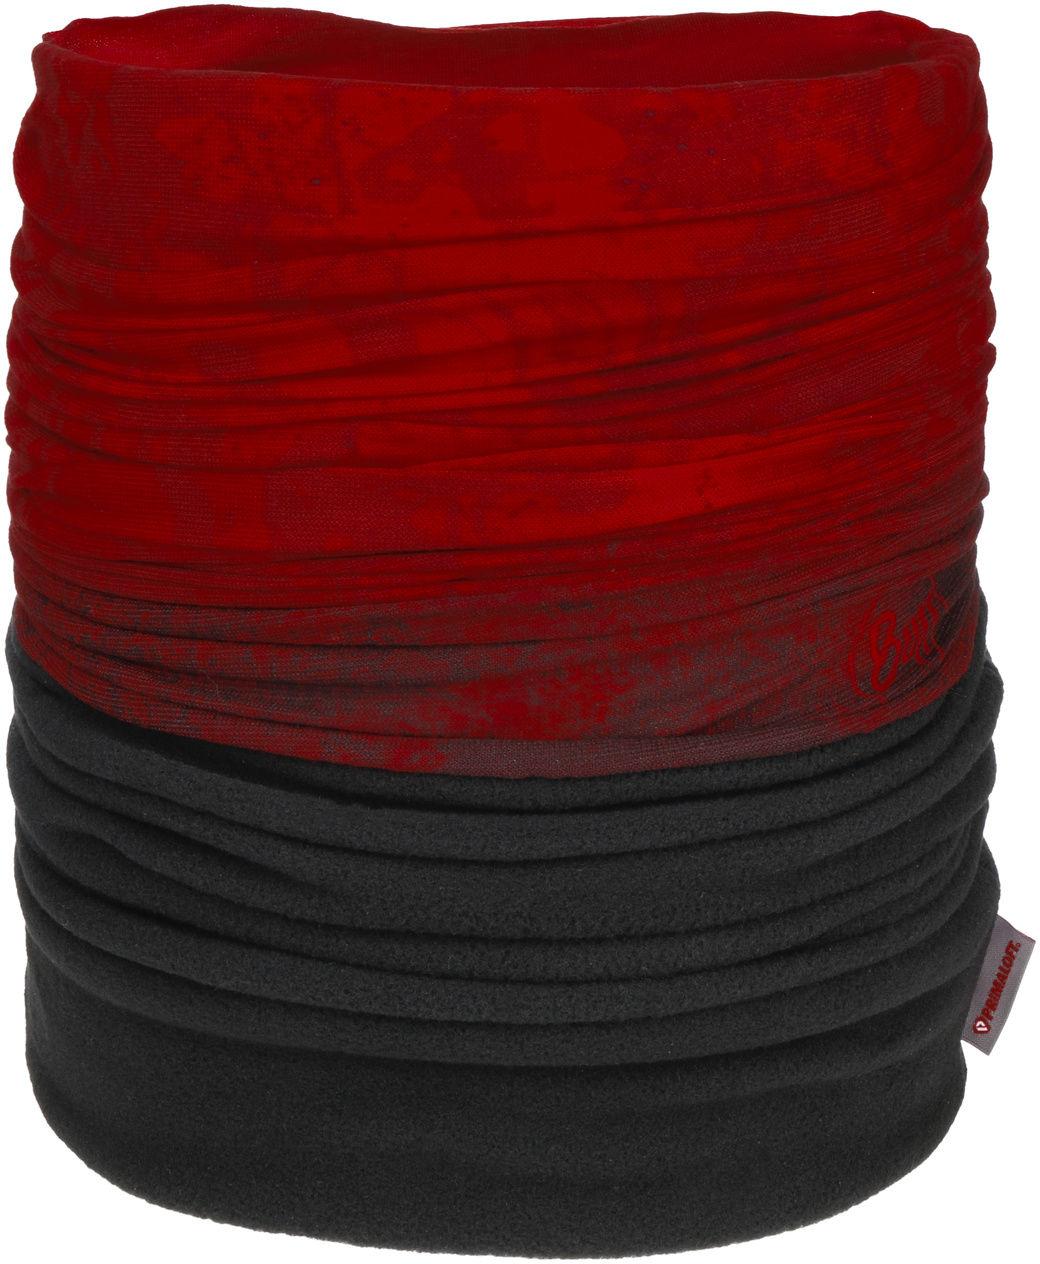 Chustka Wielozadaniowa Katmandú Polar by BUFF, czerwony, One Size